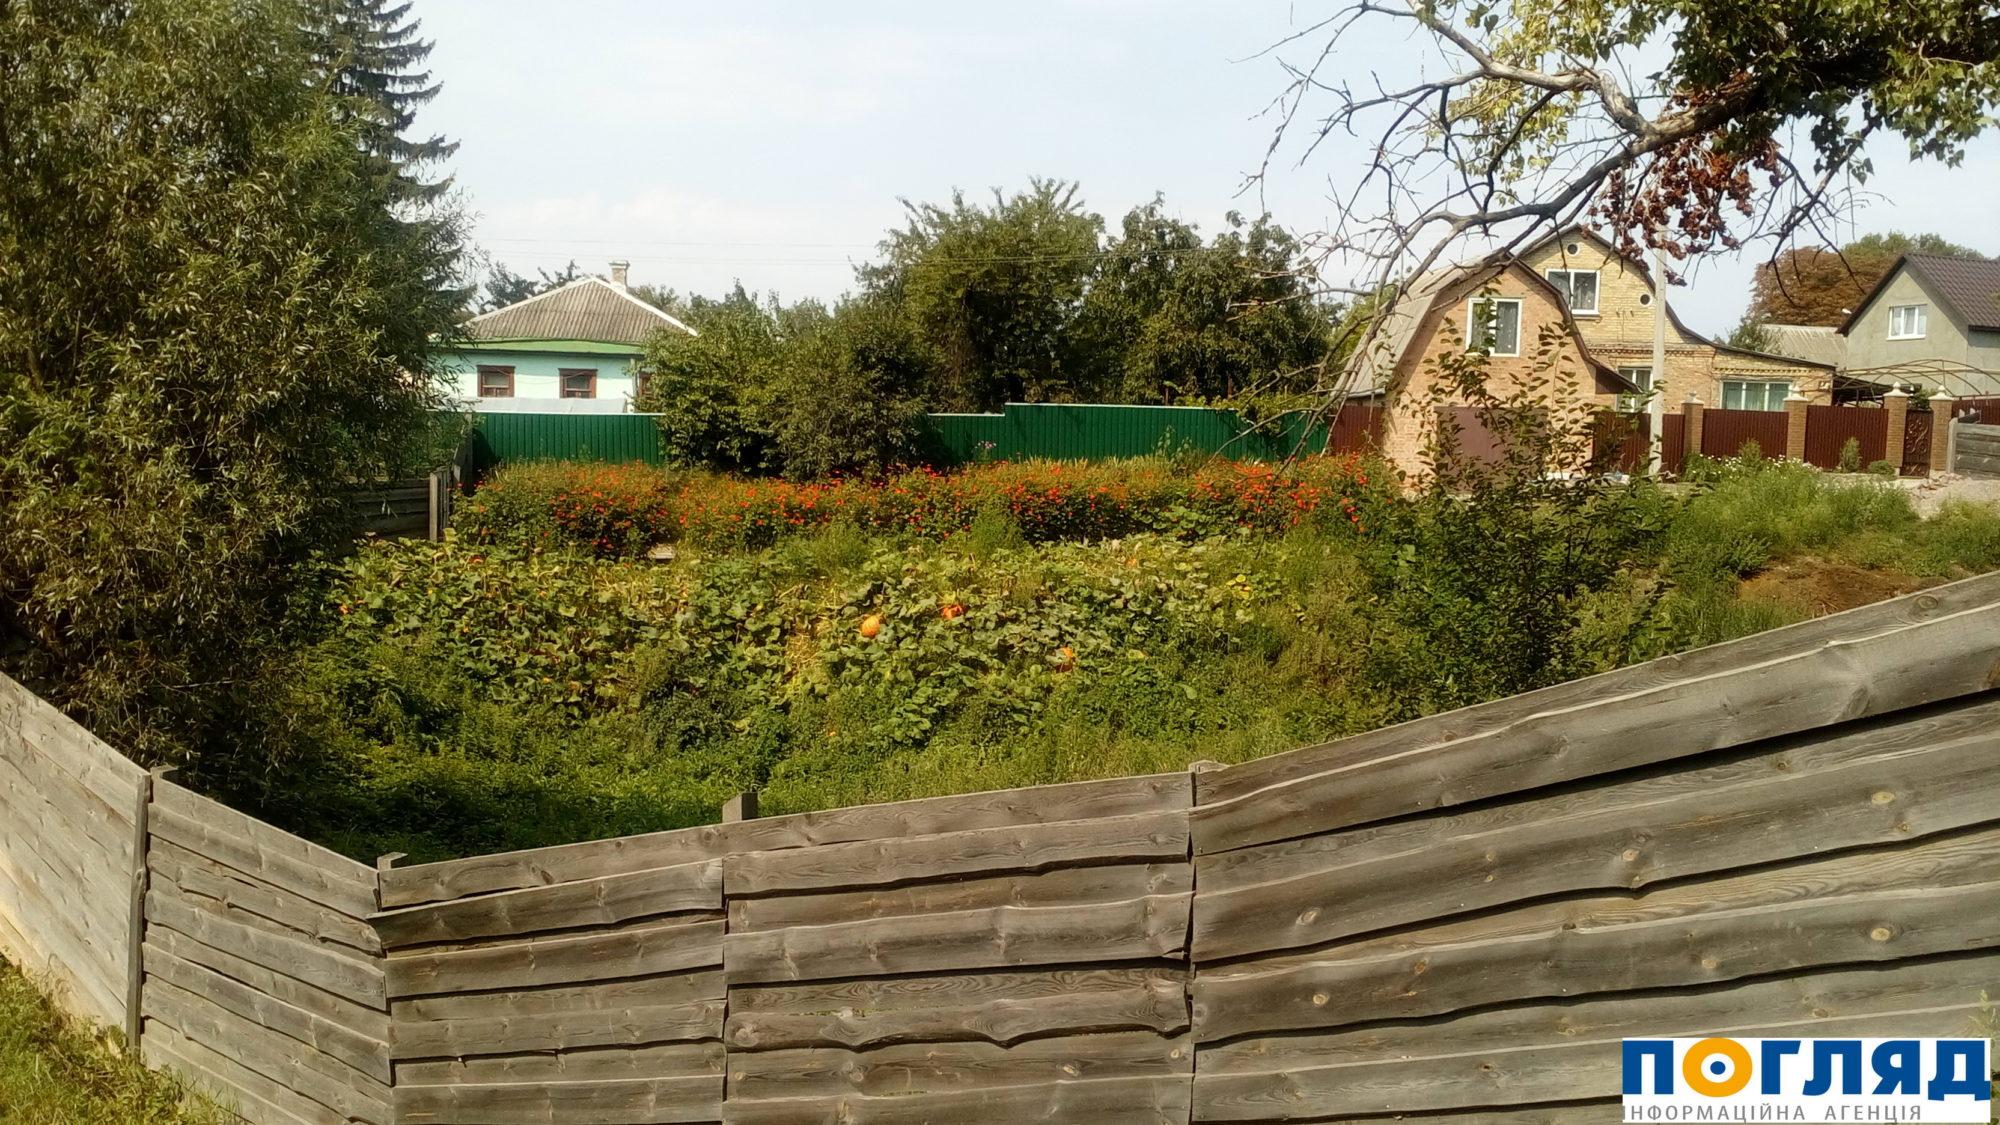 У Ковалівському яру на околиці Василькова, де в 1941-1942 роках розстрілювали євреїв, влітку у наш час ростуть гарбузи